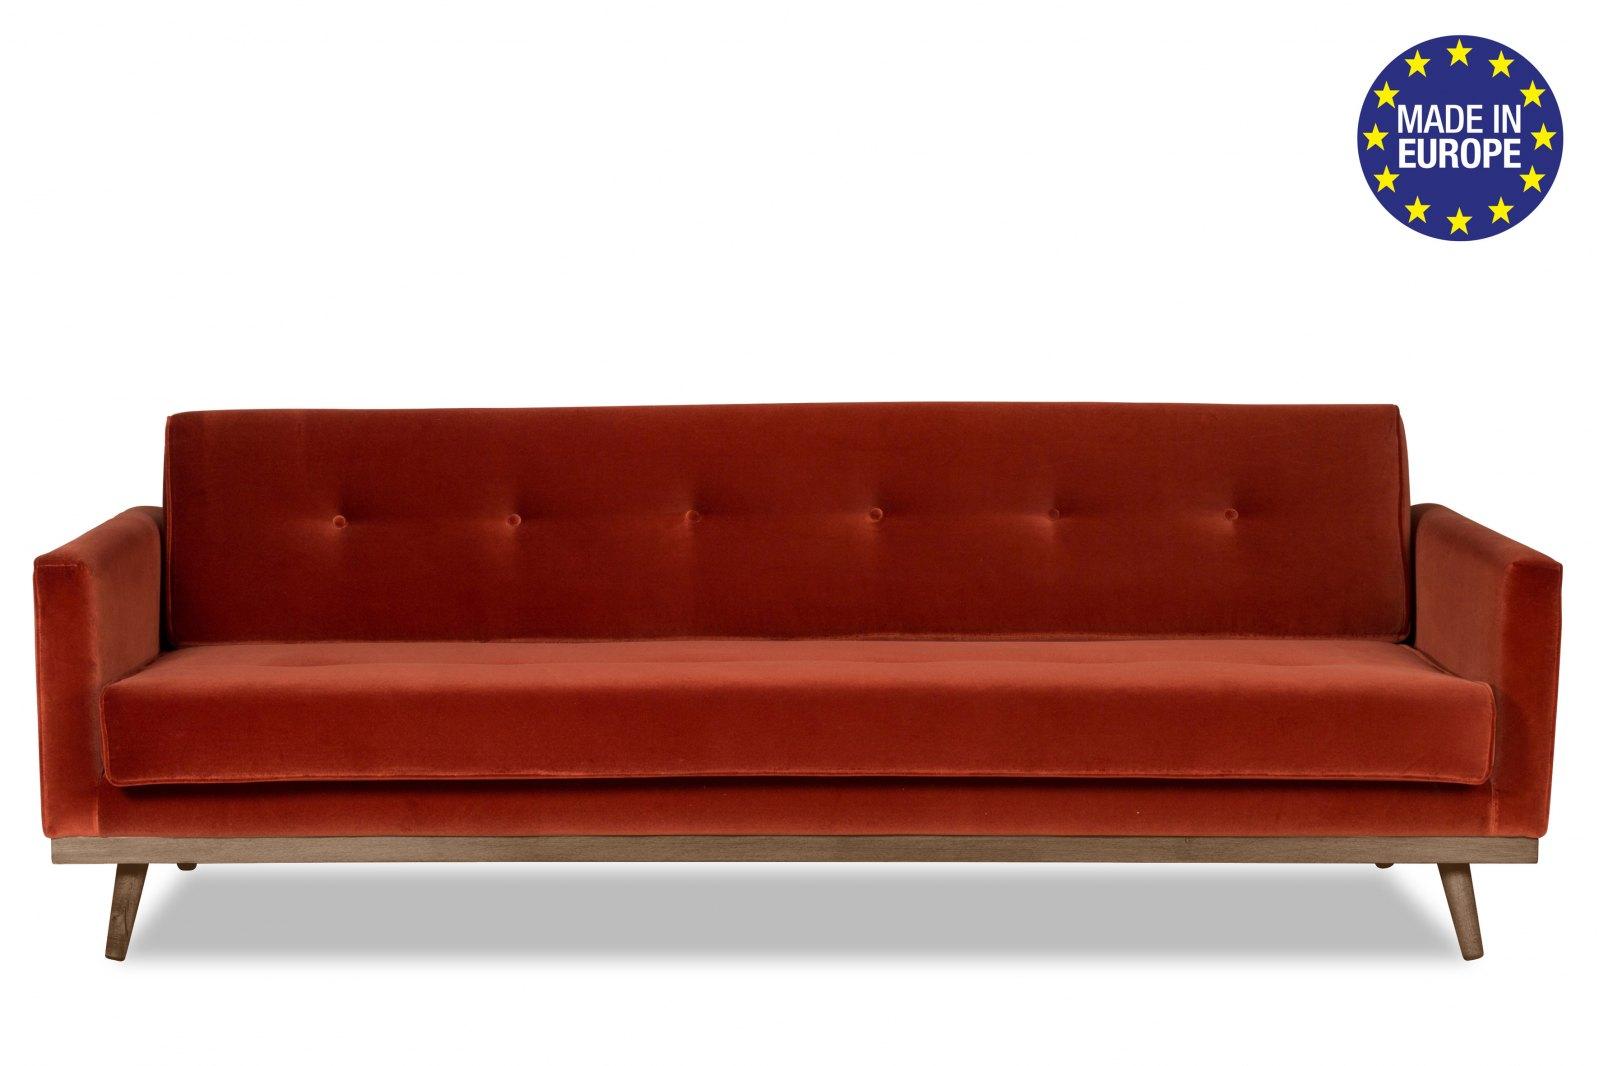 Hugo 3 Seater Velvet Sofa-Bed / 1